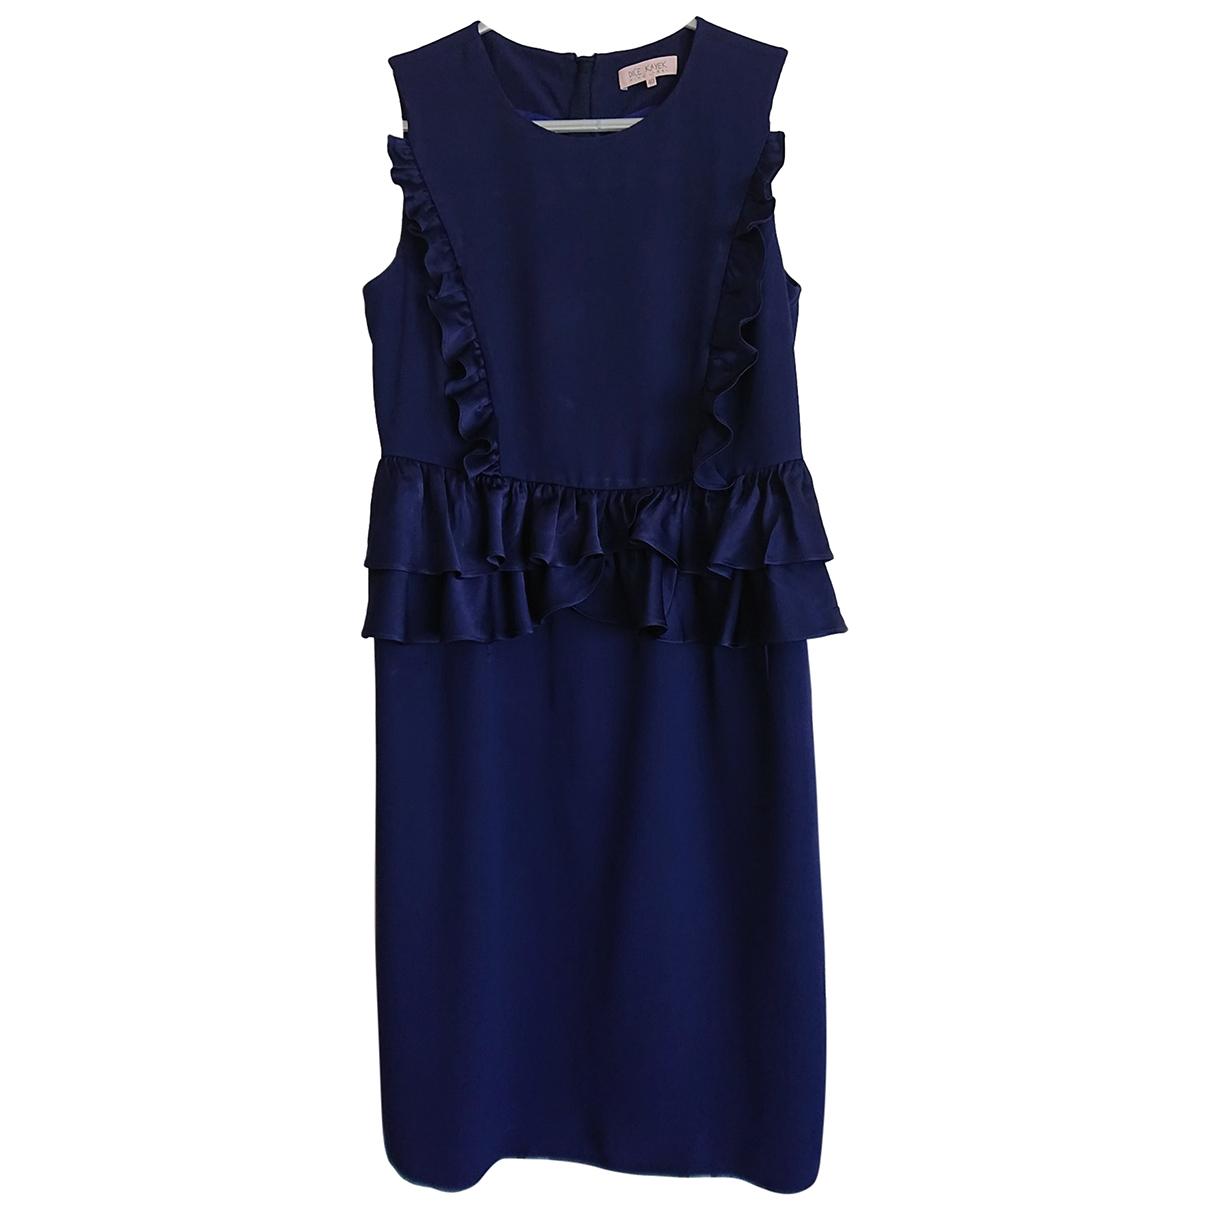 Dice Kayek \N Kleid in  Blau Viskose